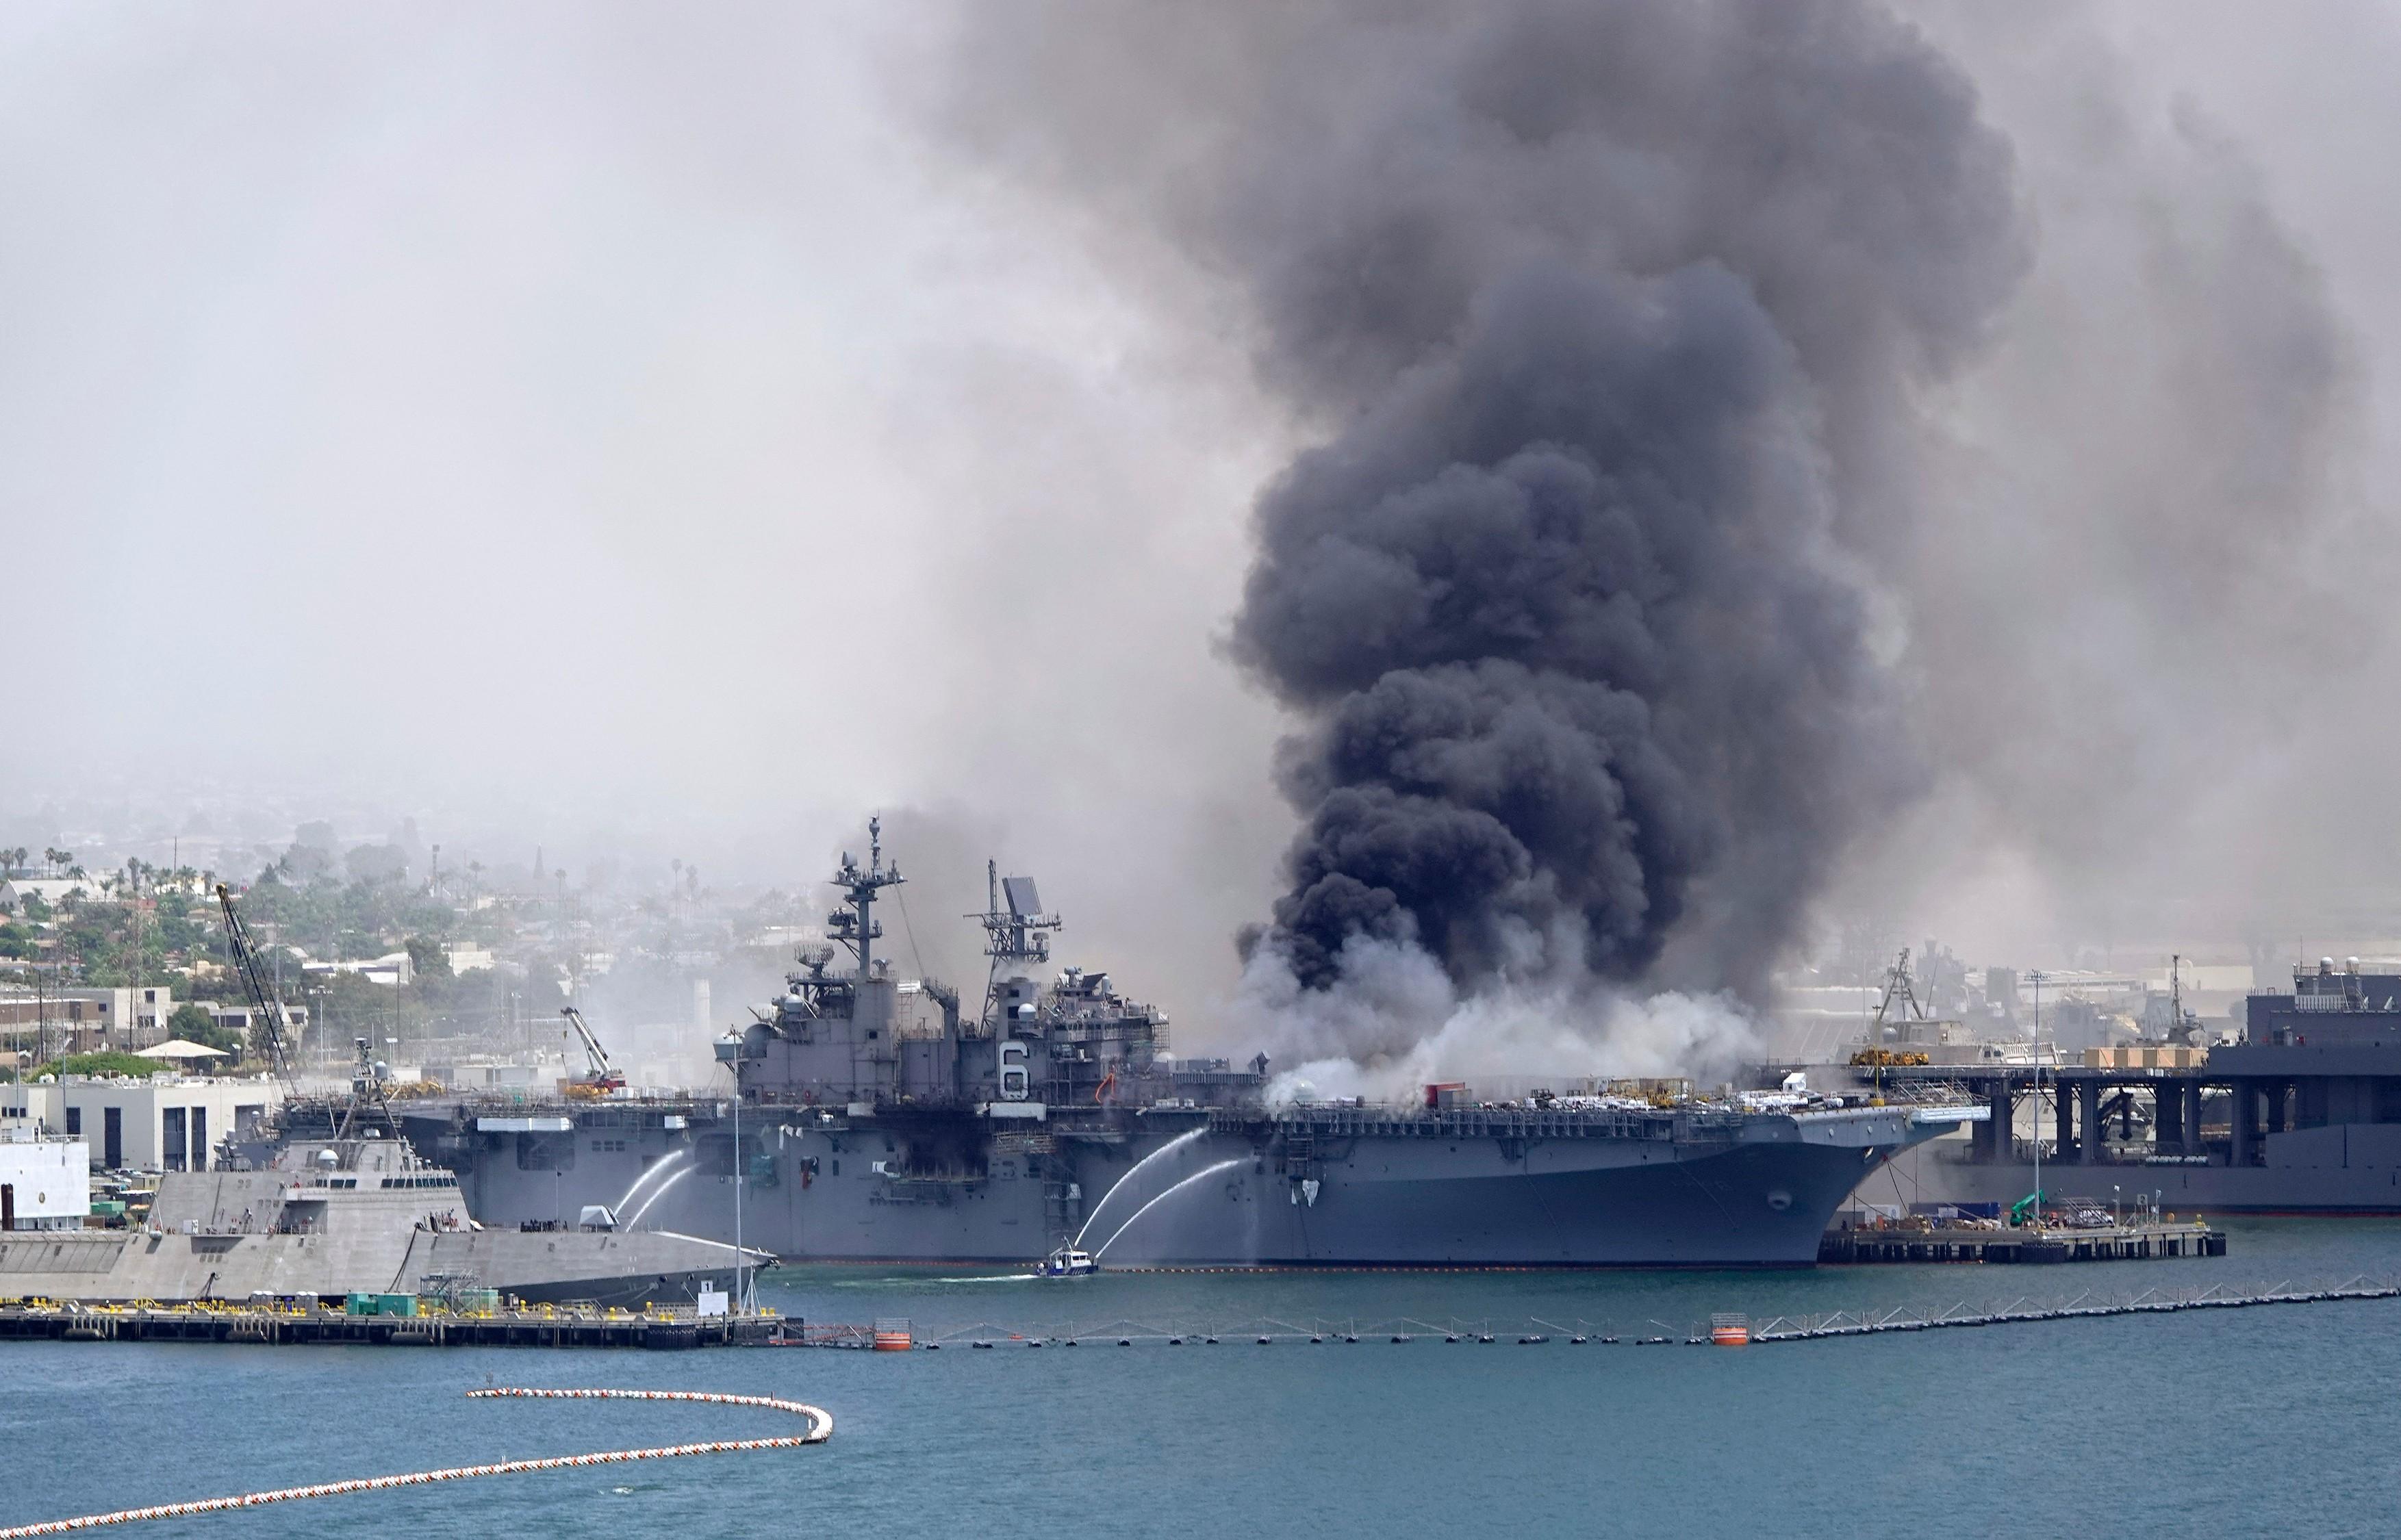 Un marinar american este acuzat ca a pornit incendiul care a distrus o nava de razboi de 1 miliard de dolari